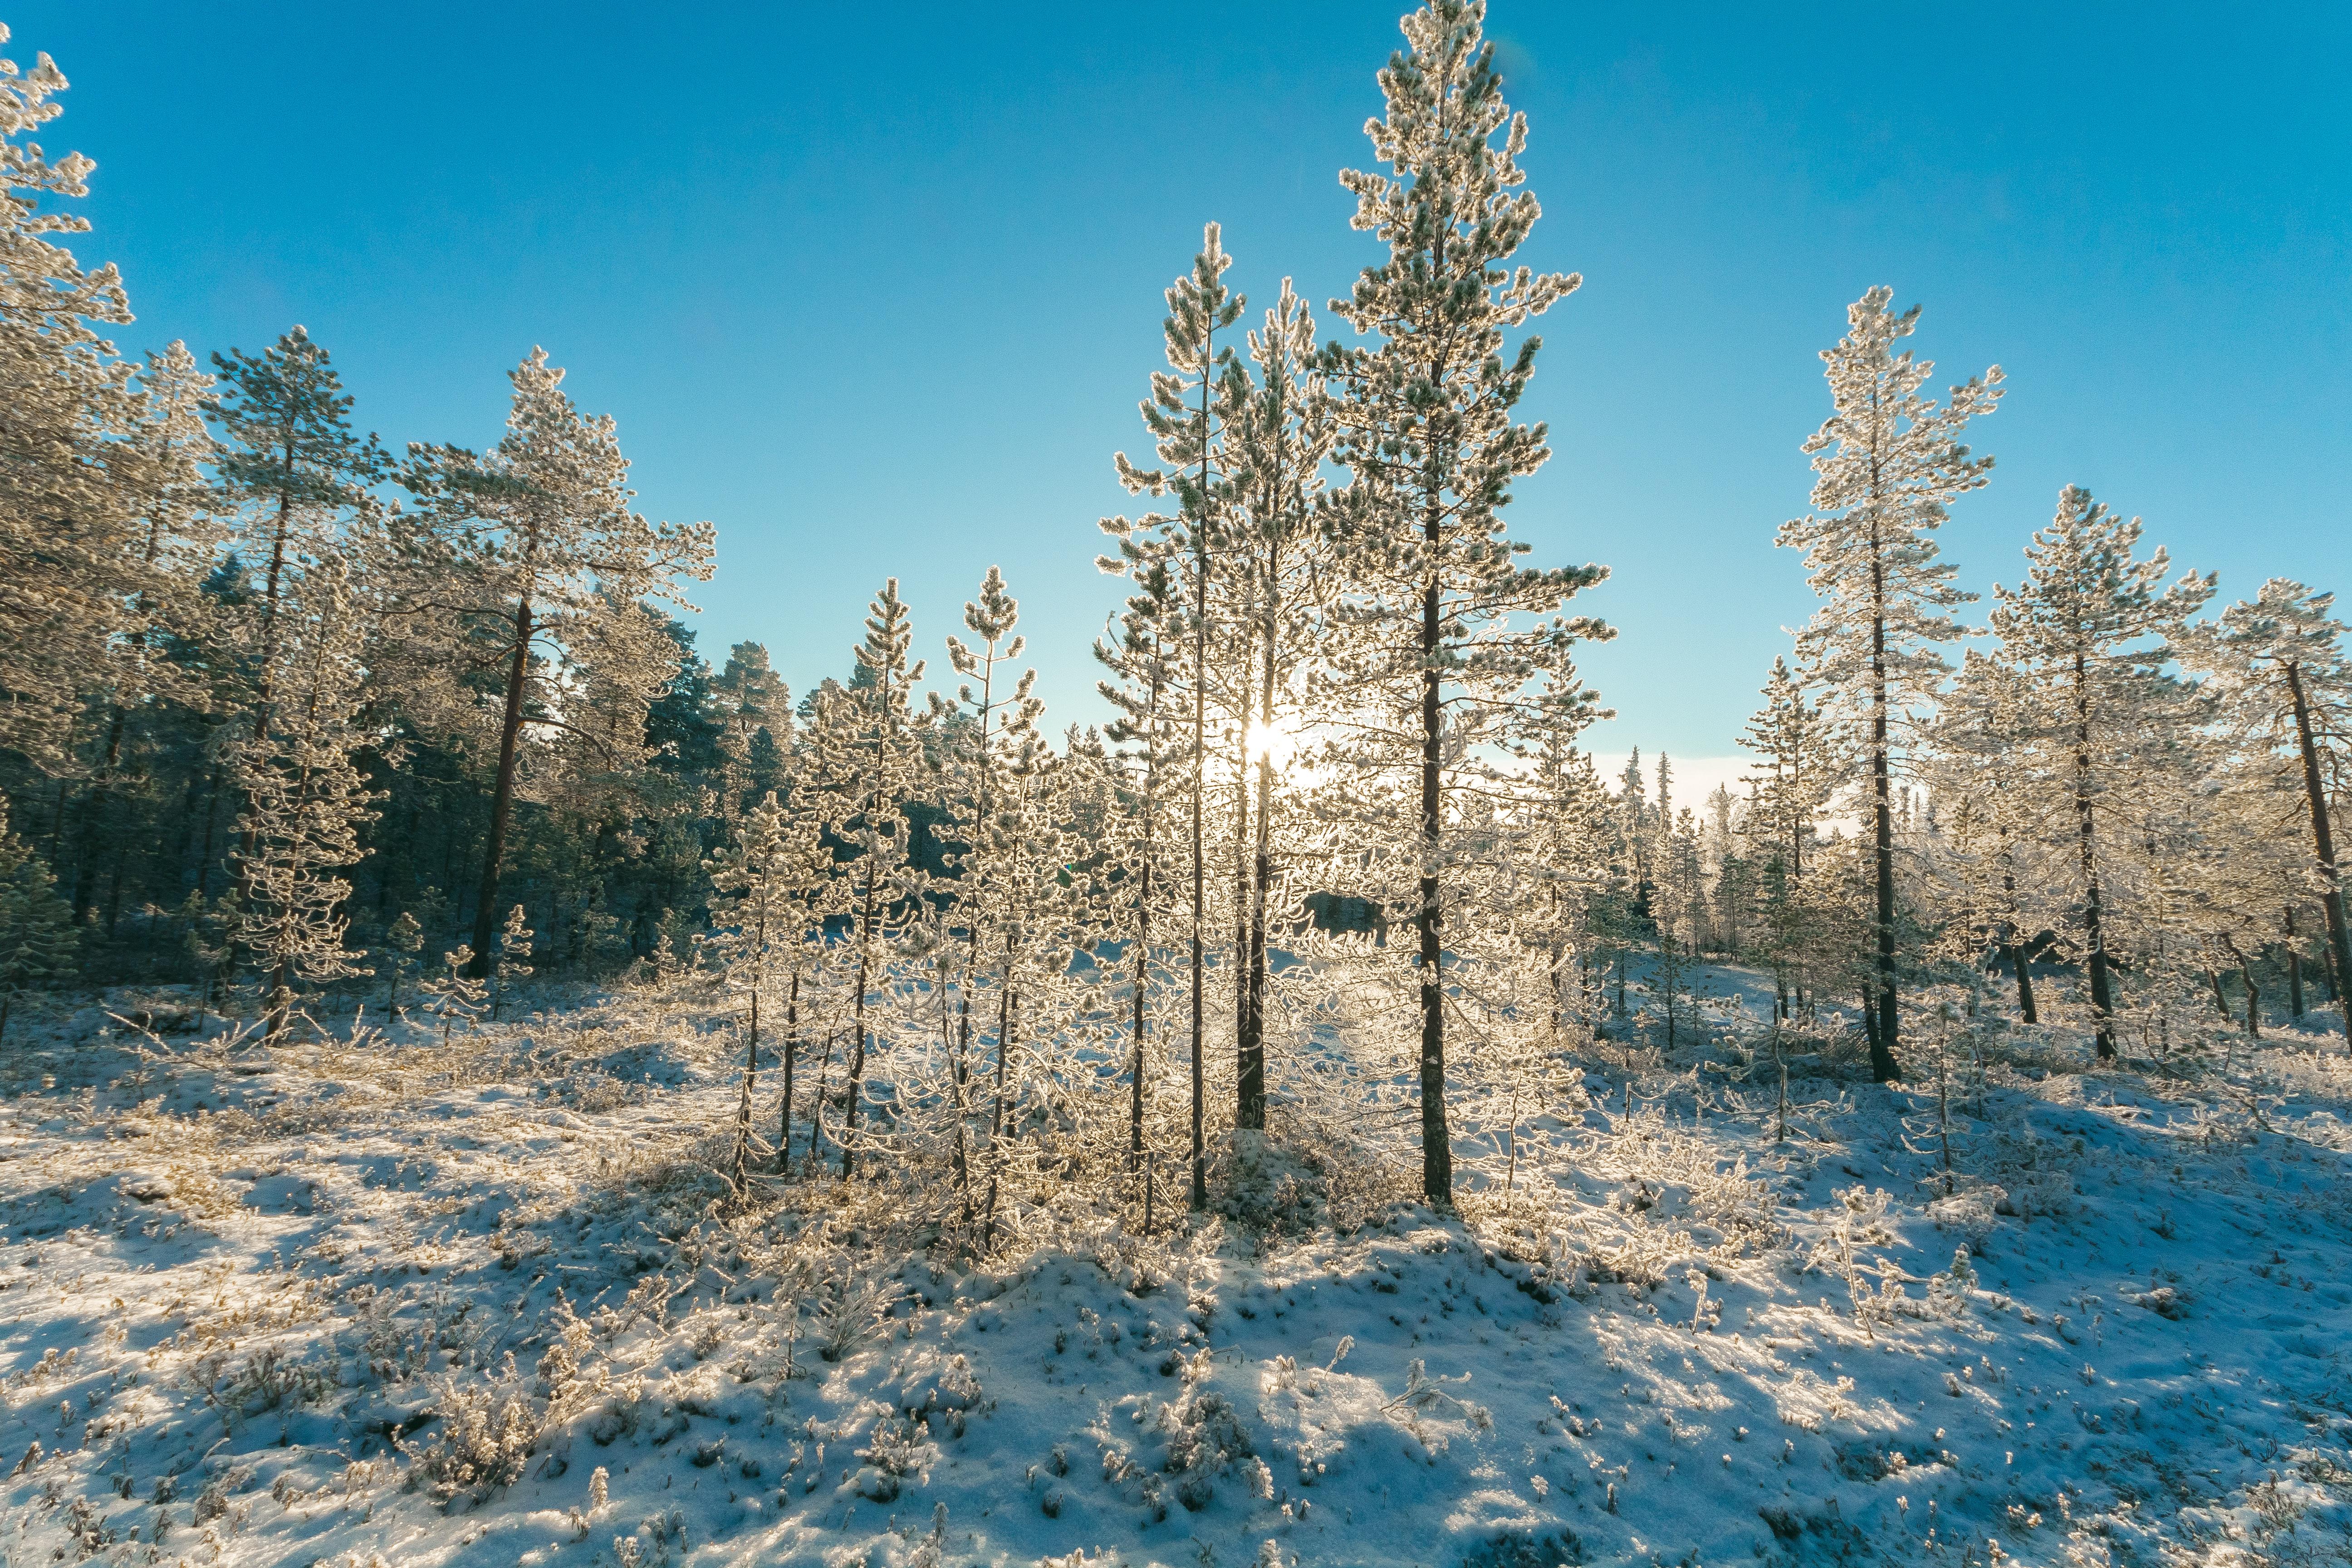 Green Tree With Snows, Cold, Scene, Winter landscape, Winter, HQ Photo